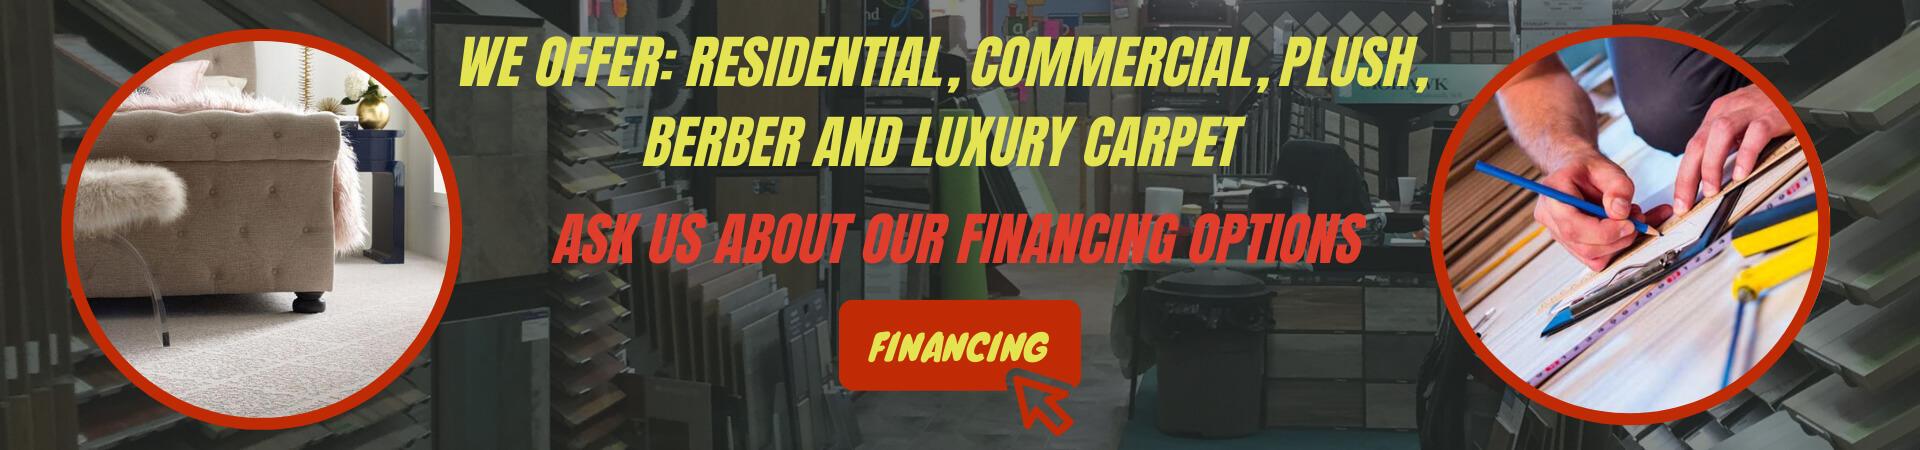 we offer financing